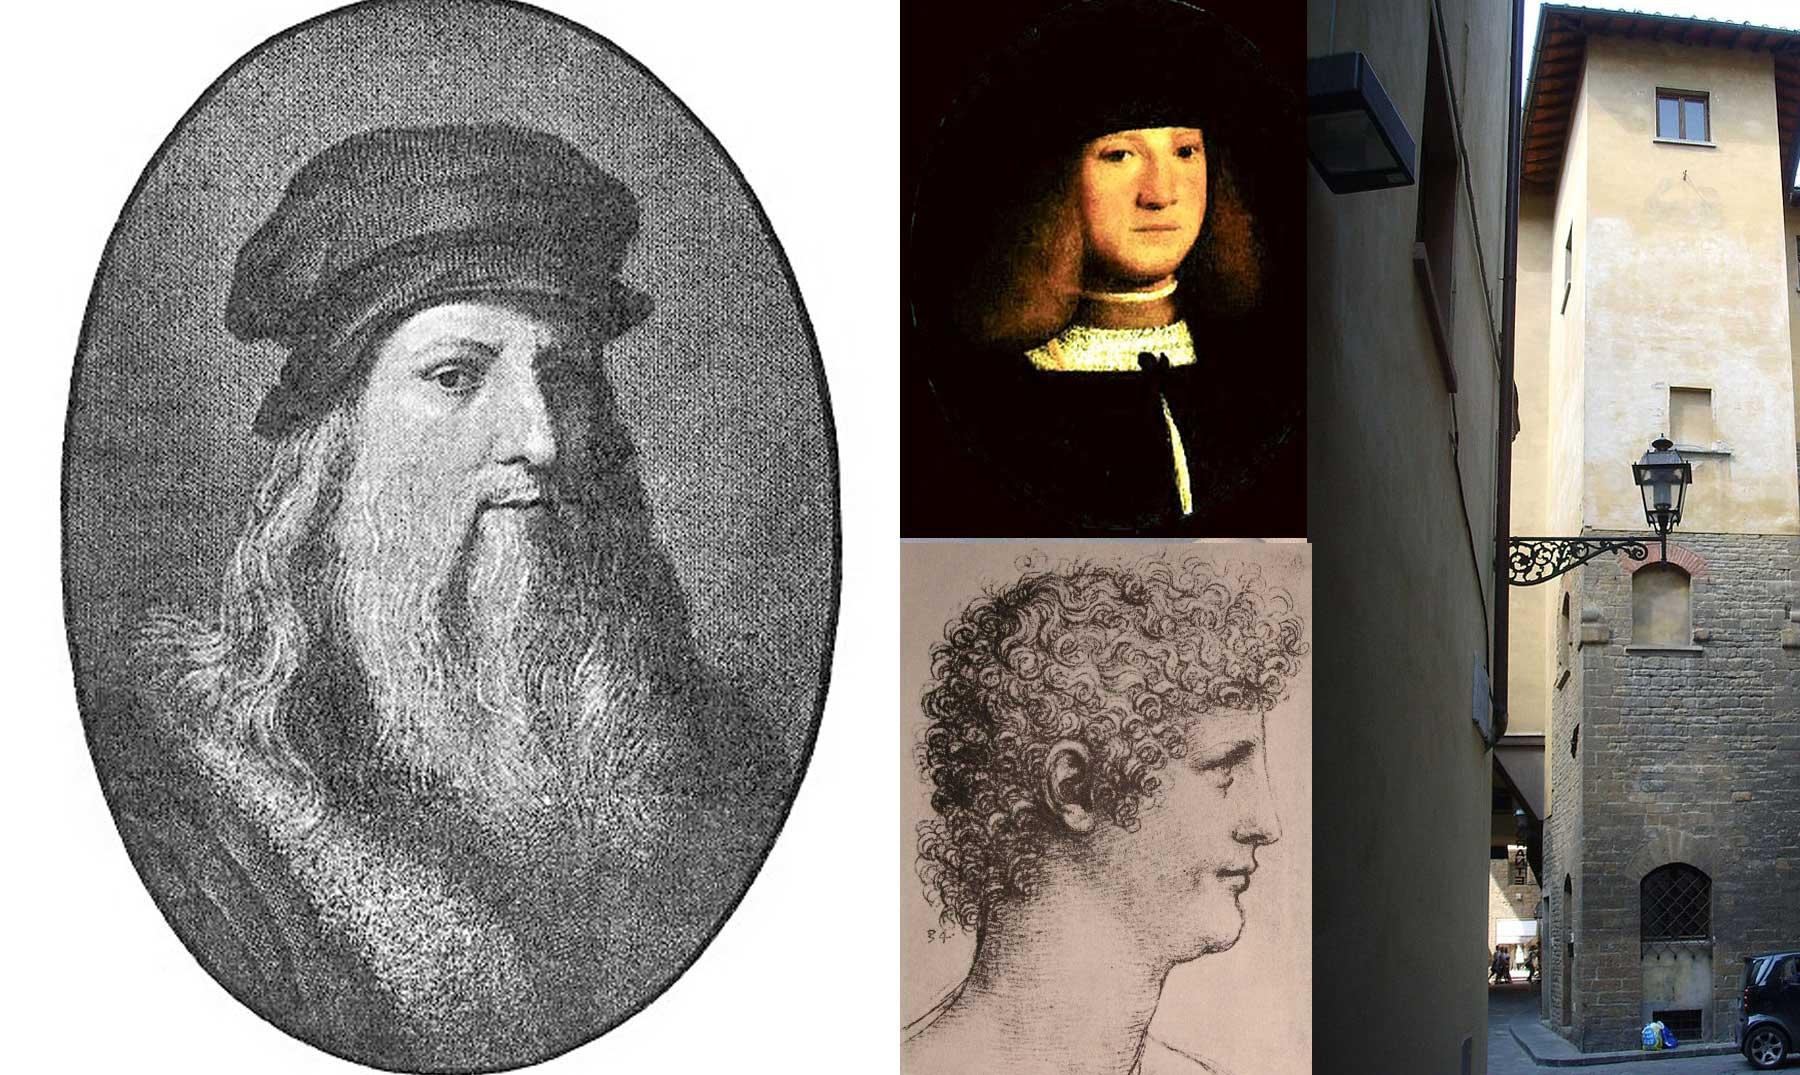 Los Amantes De Leonardo Da Vinci Las Supuestas Relaciones Del Genio